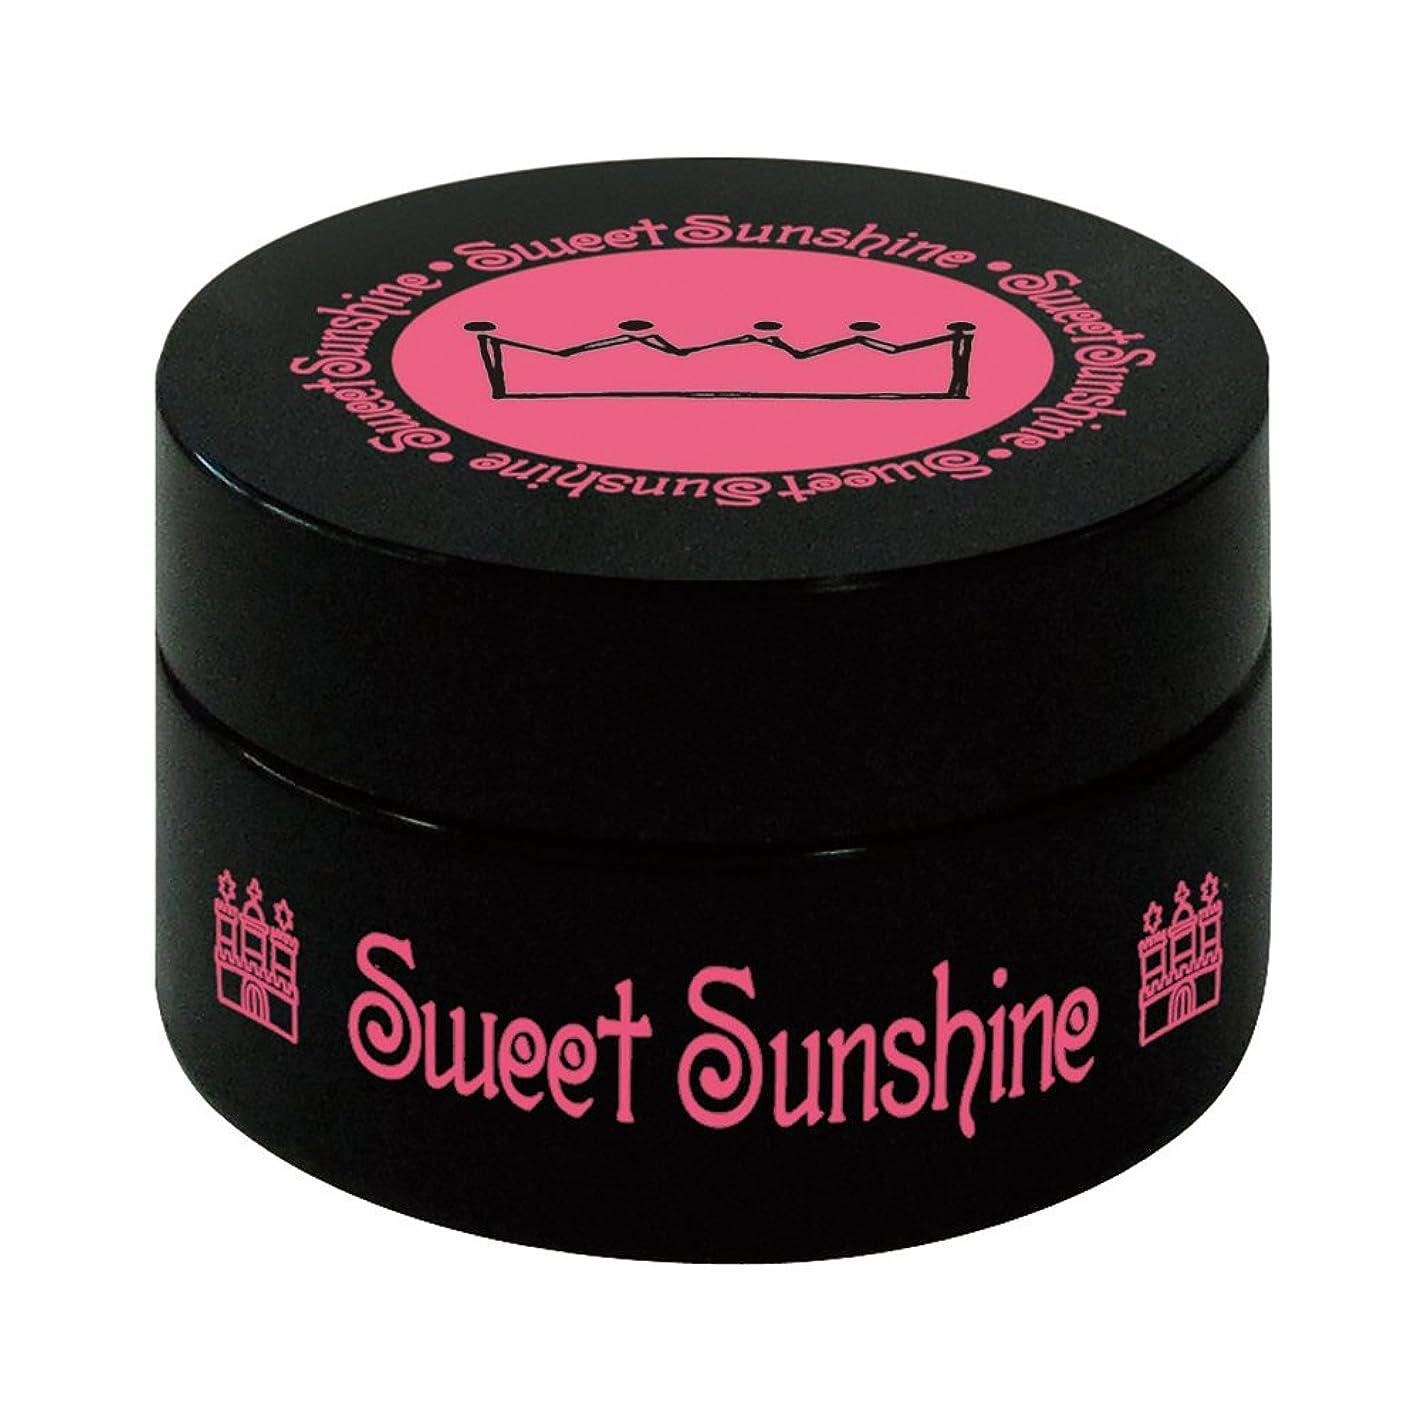 スロベニア消費者良さSweet Sunshine カラージェル SC- 160 パンジーパープル 4g UV/LED対応